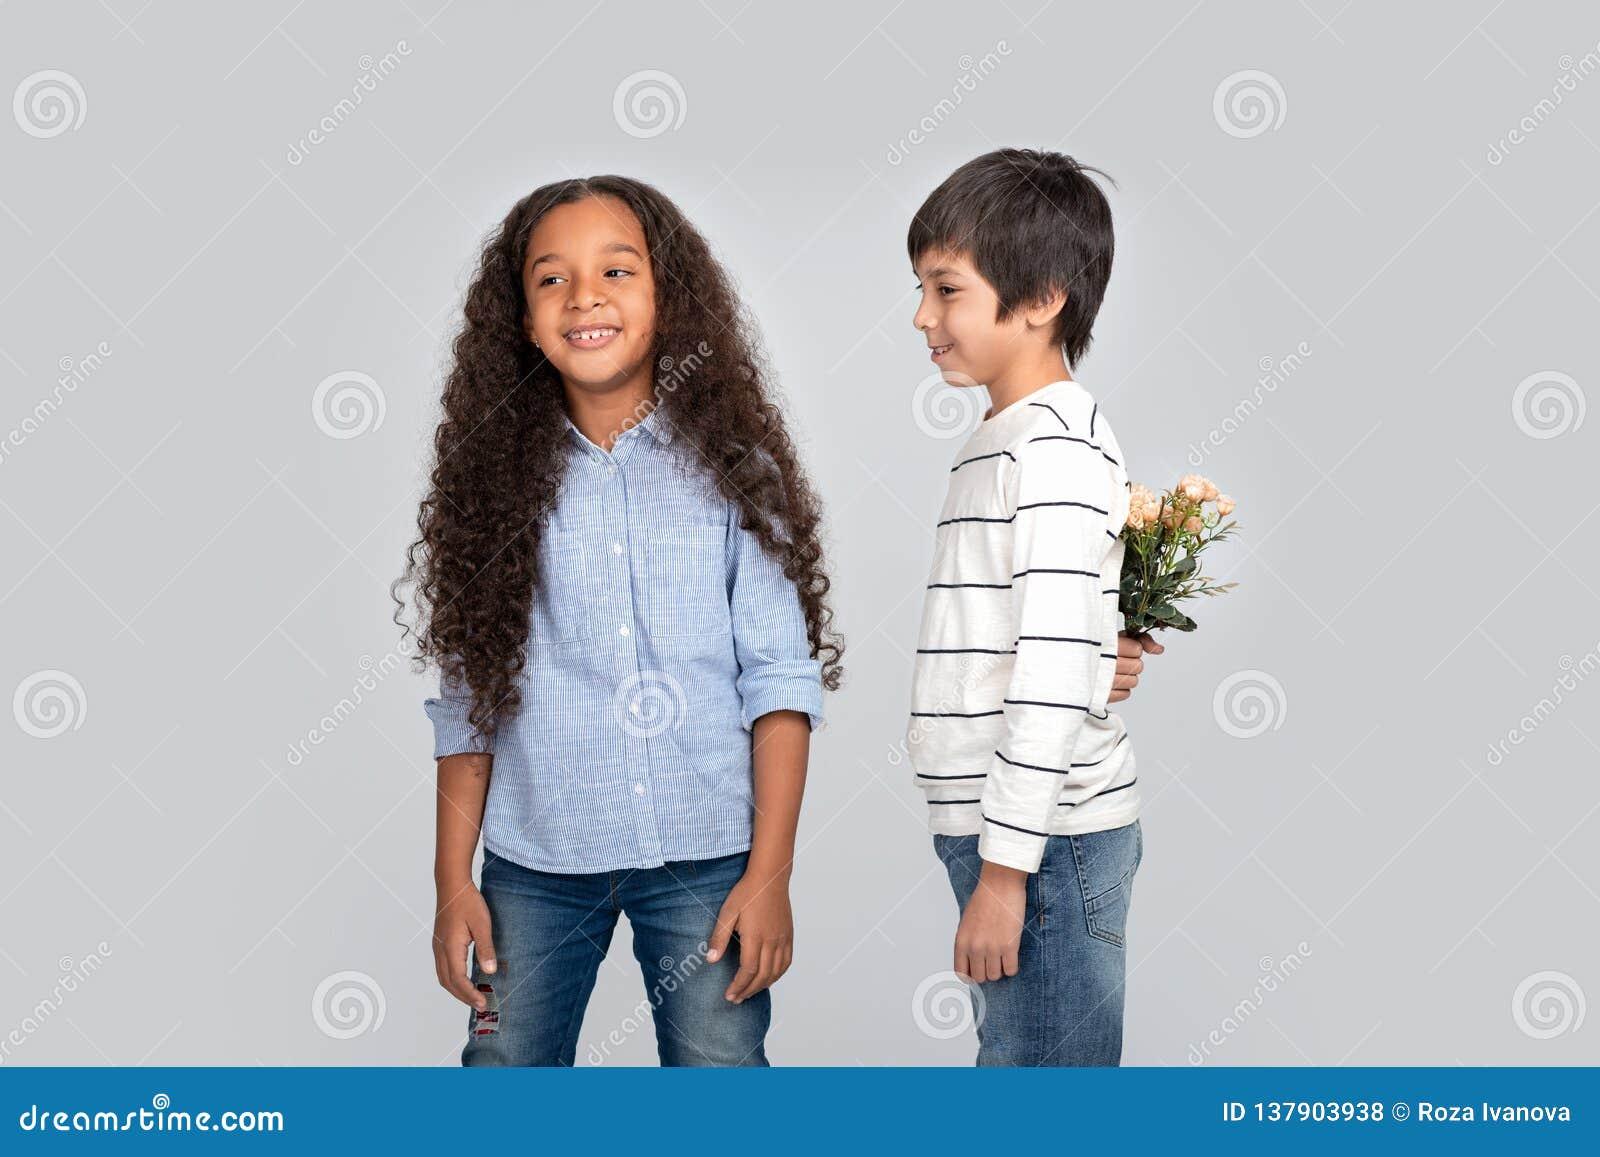 Atelieraufnahme eines Jungen, der einem Mädchen Blumen, lokalisiert gibt